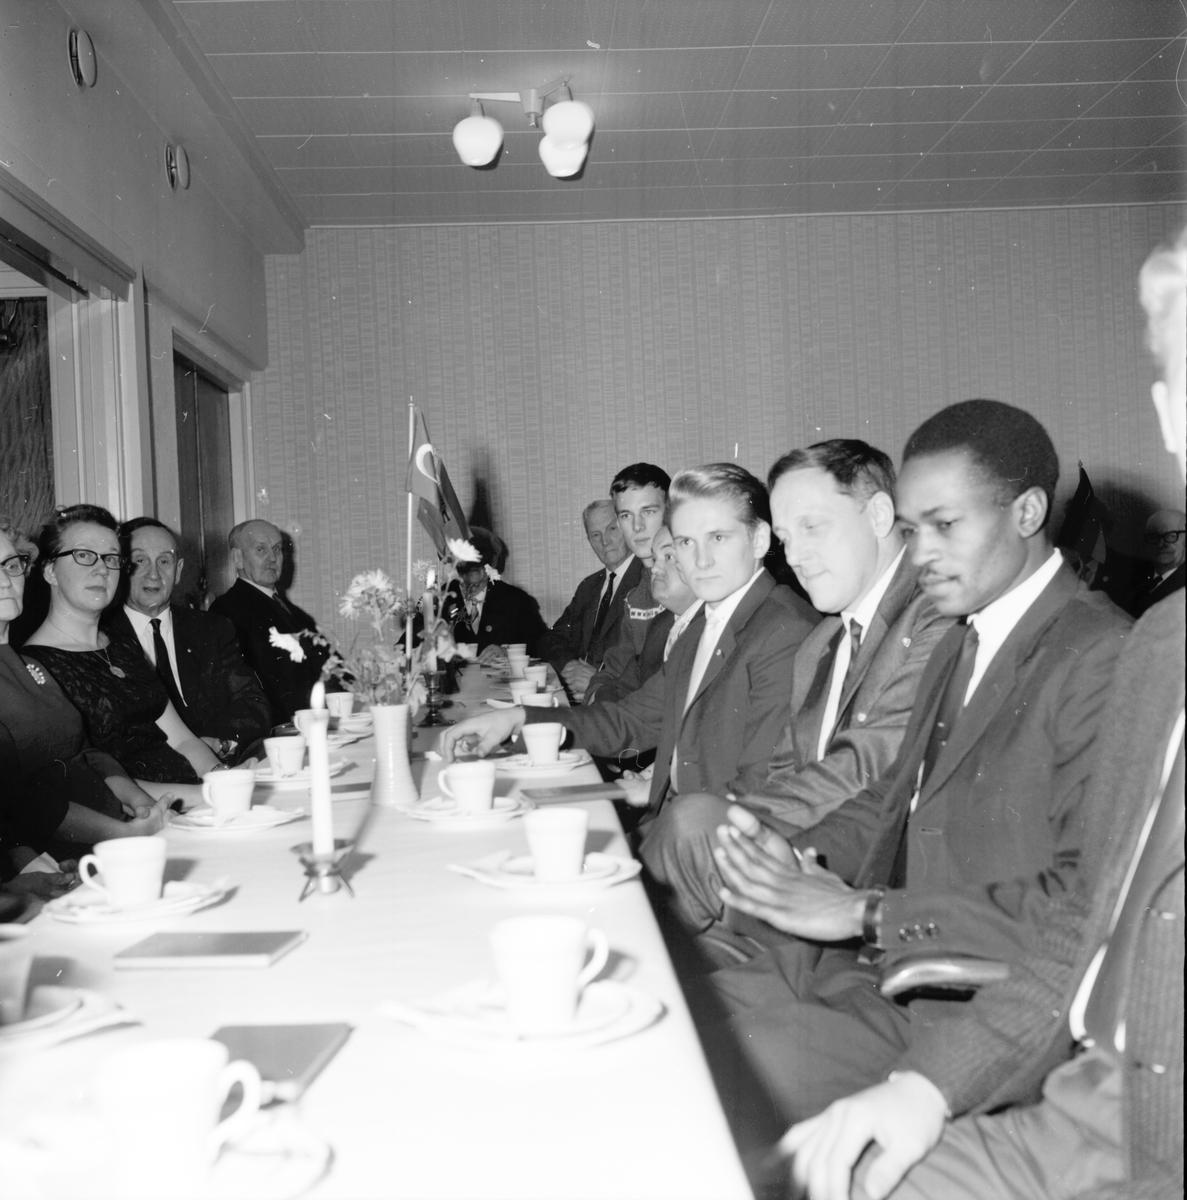 Nd isi James AO, Stud fr. Kenya på Godt.lok. 28 Nov 1965